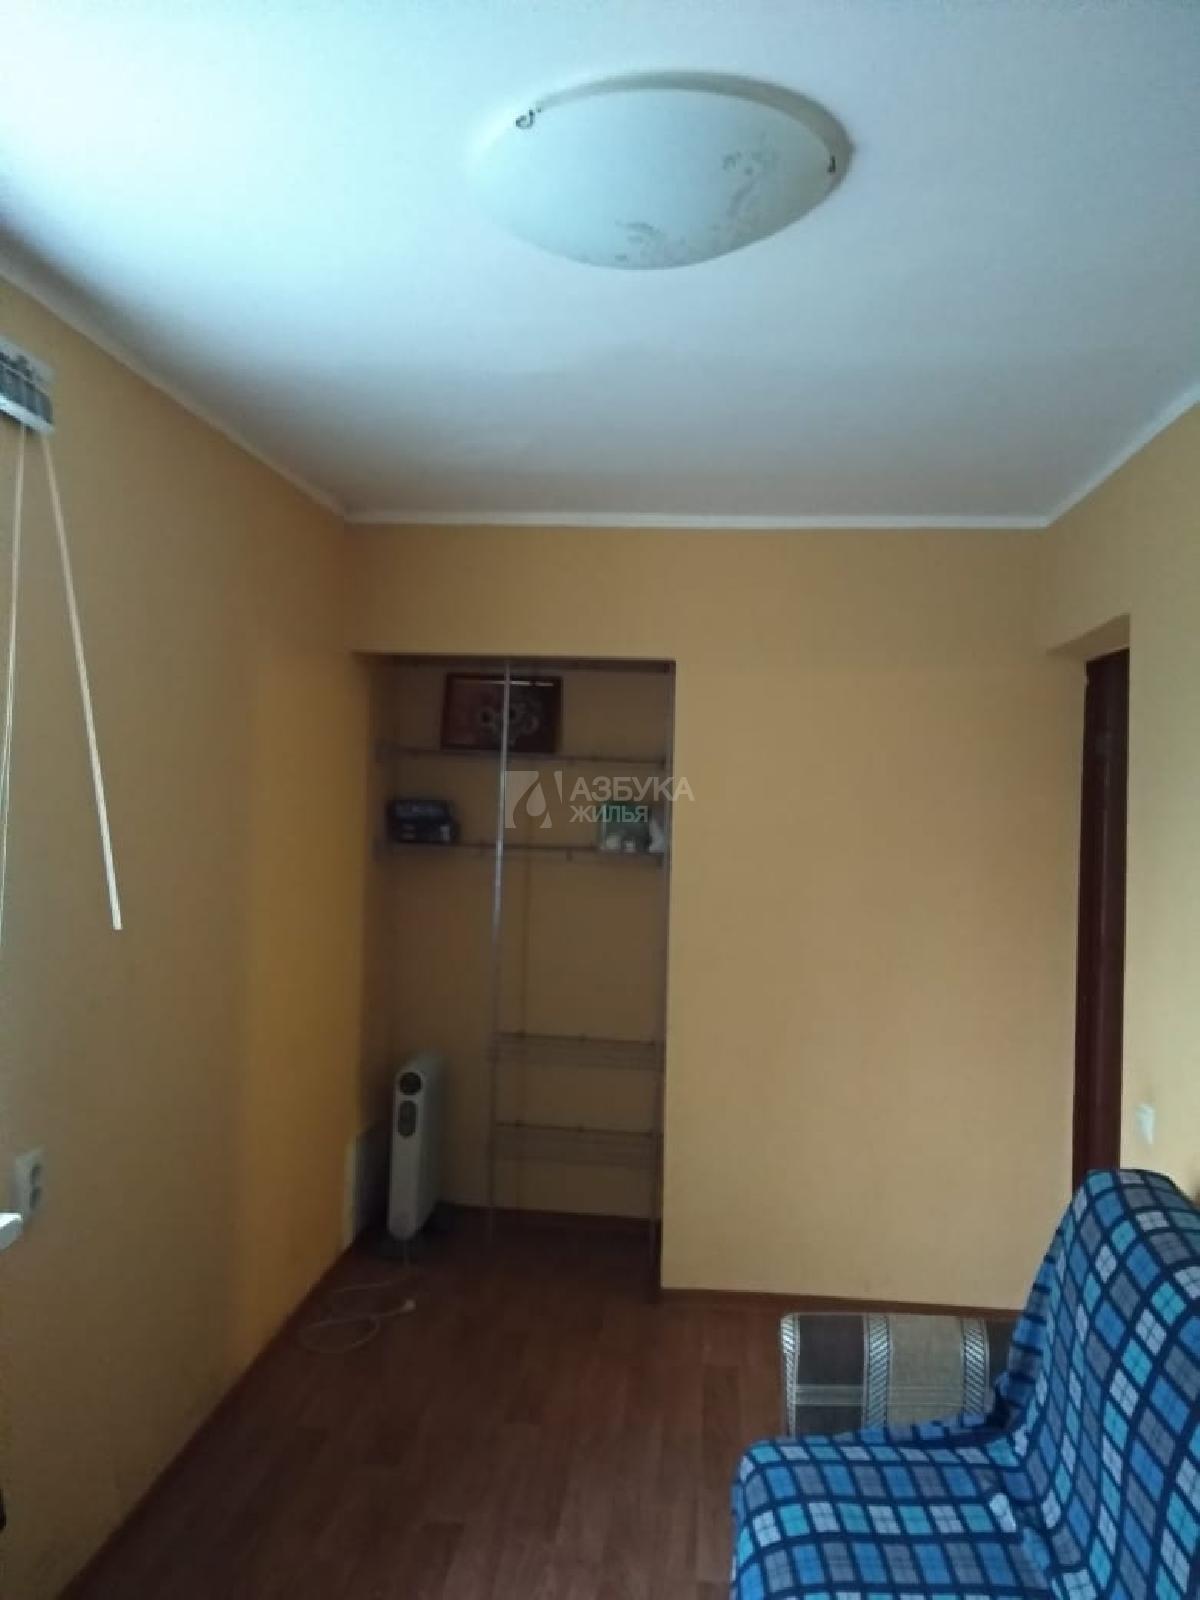 Фото №10 - 3-комнатная квартира, Тарасовка, Пожидаева улица 13 А